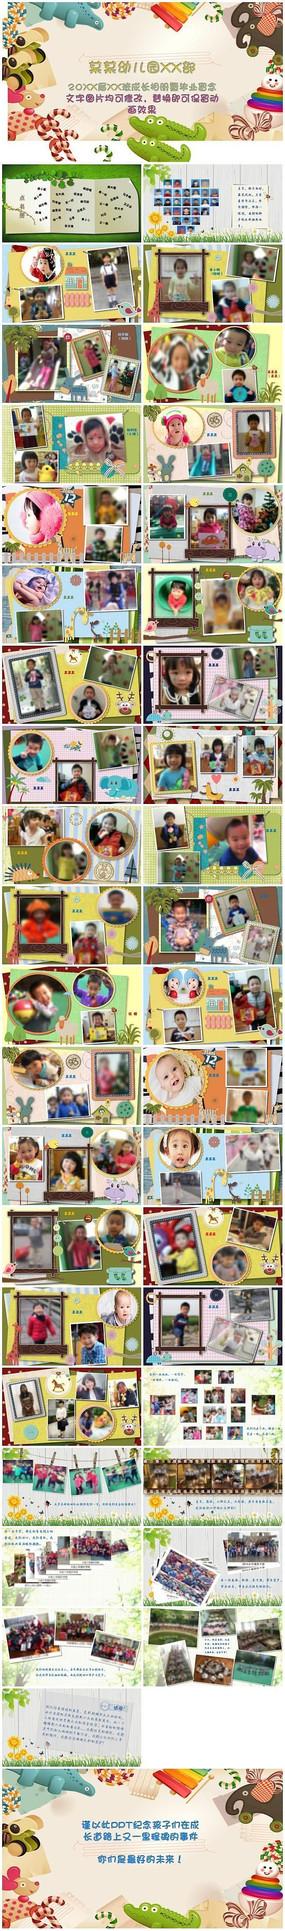 精美可爱幼儿园毕业纪念相册儿童成长相册小学动态ppt模板